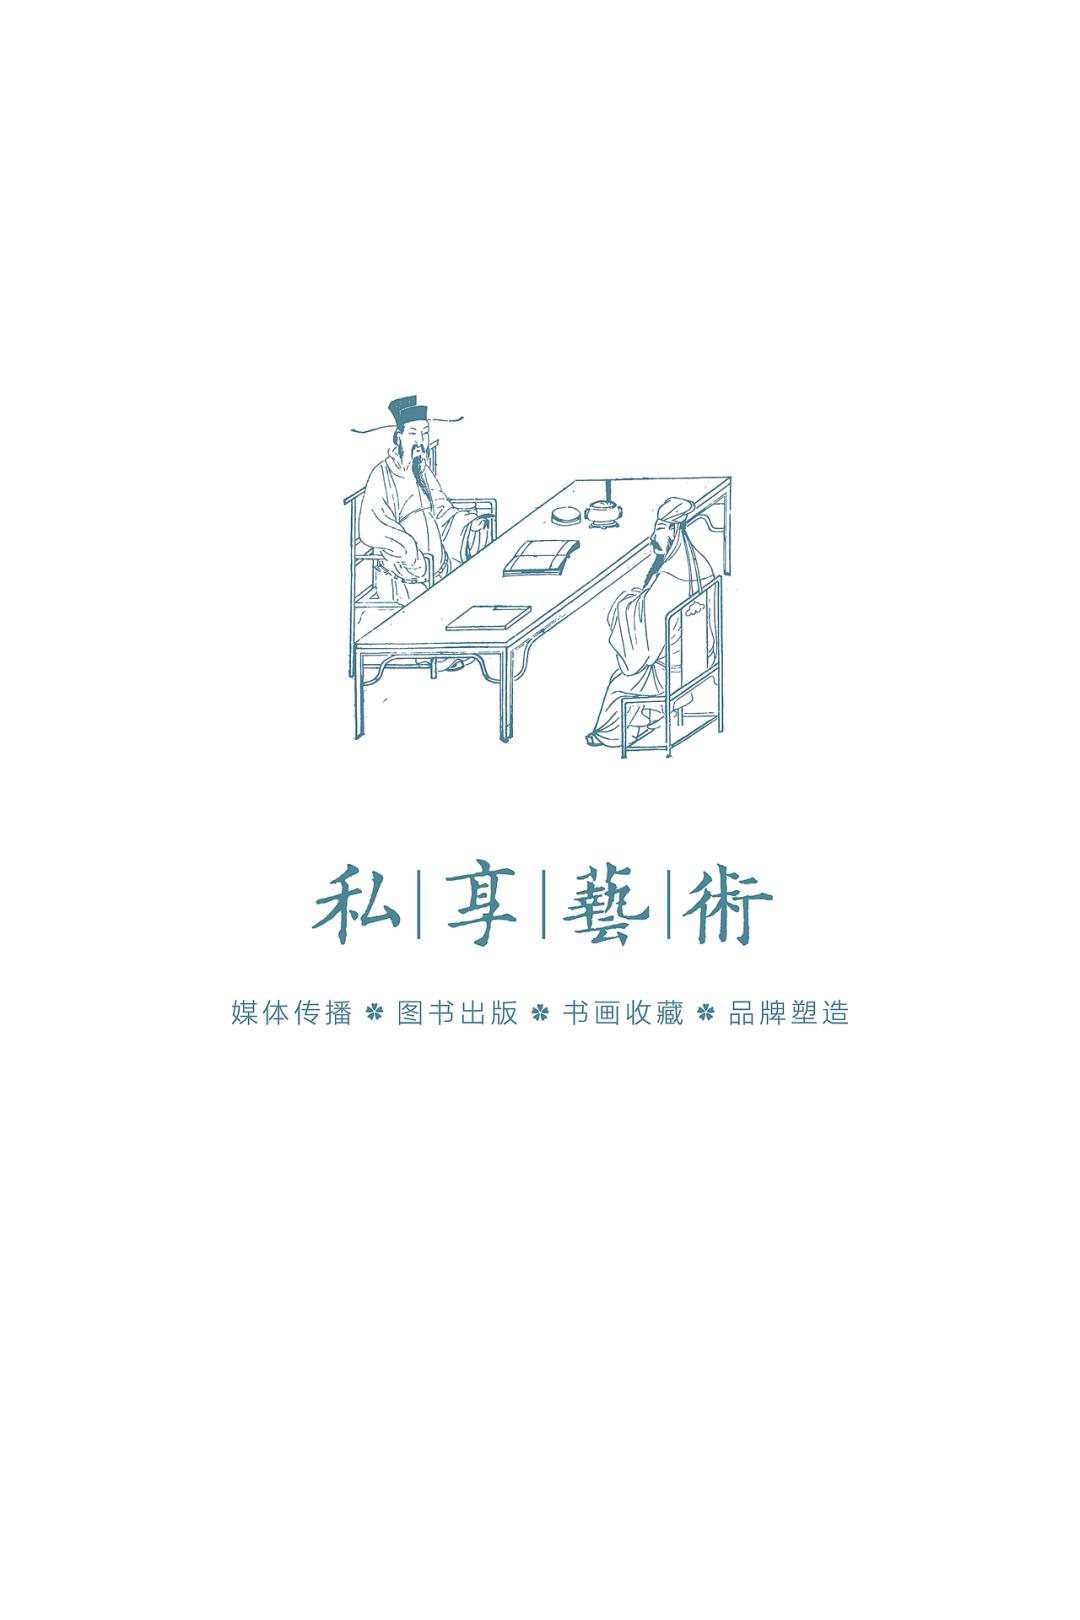 王德芳:花肥瓜香丨私享艺术